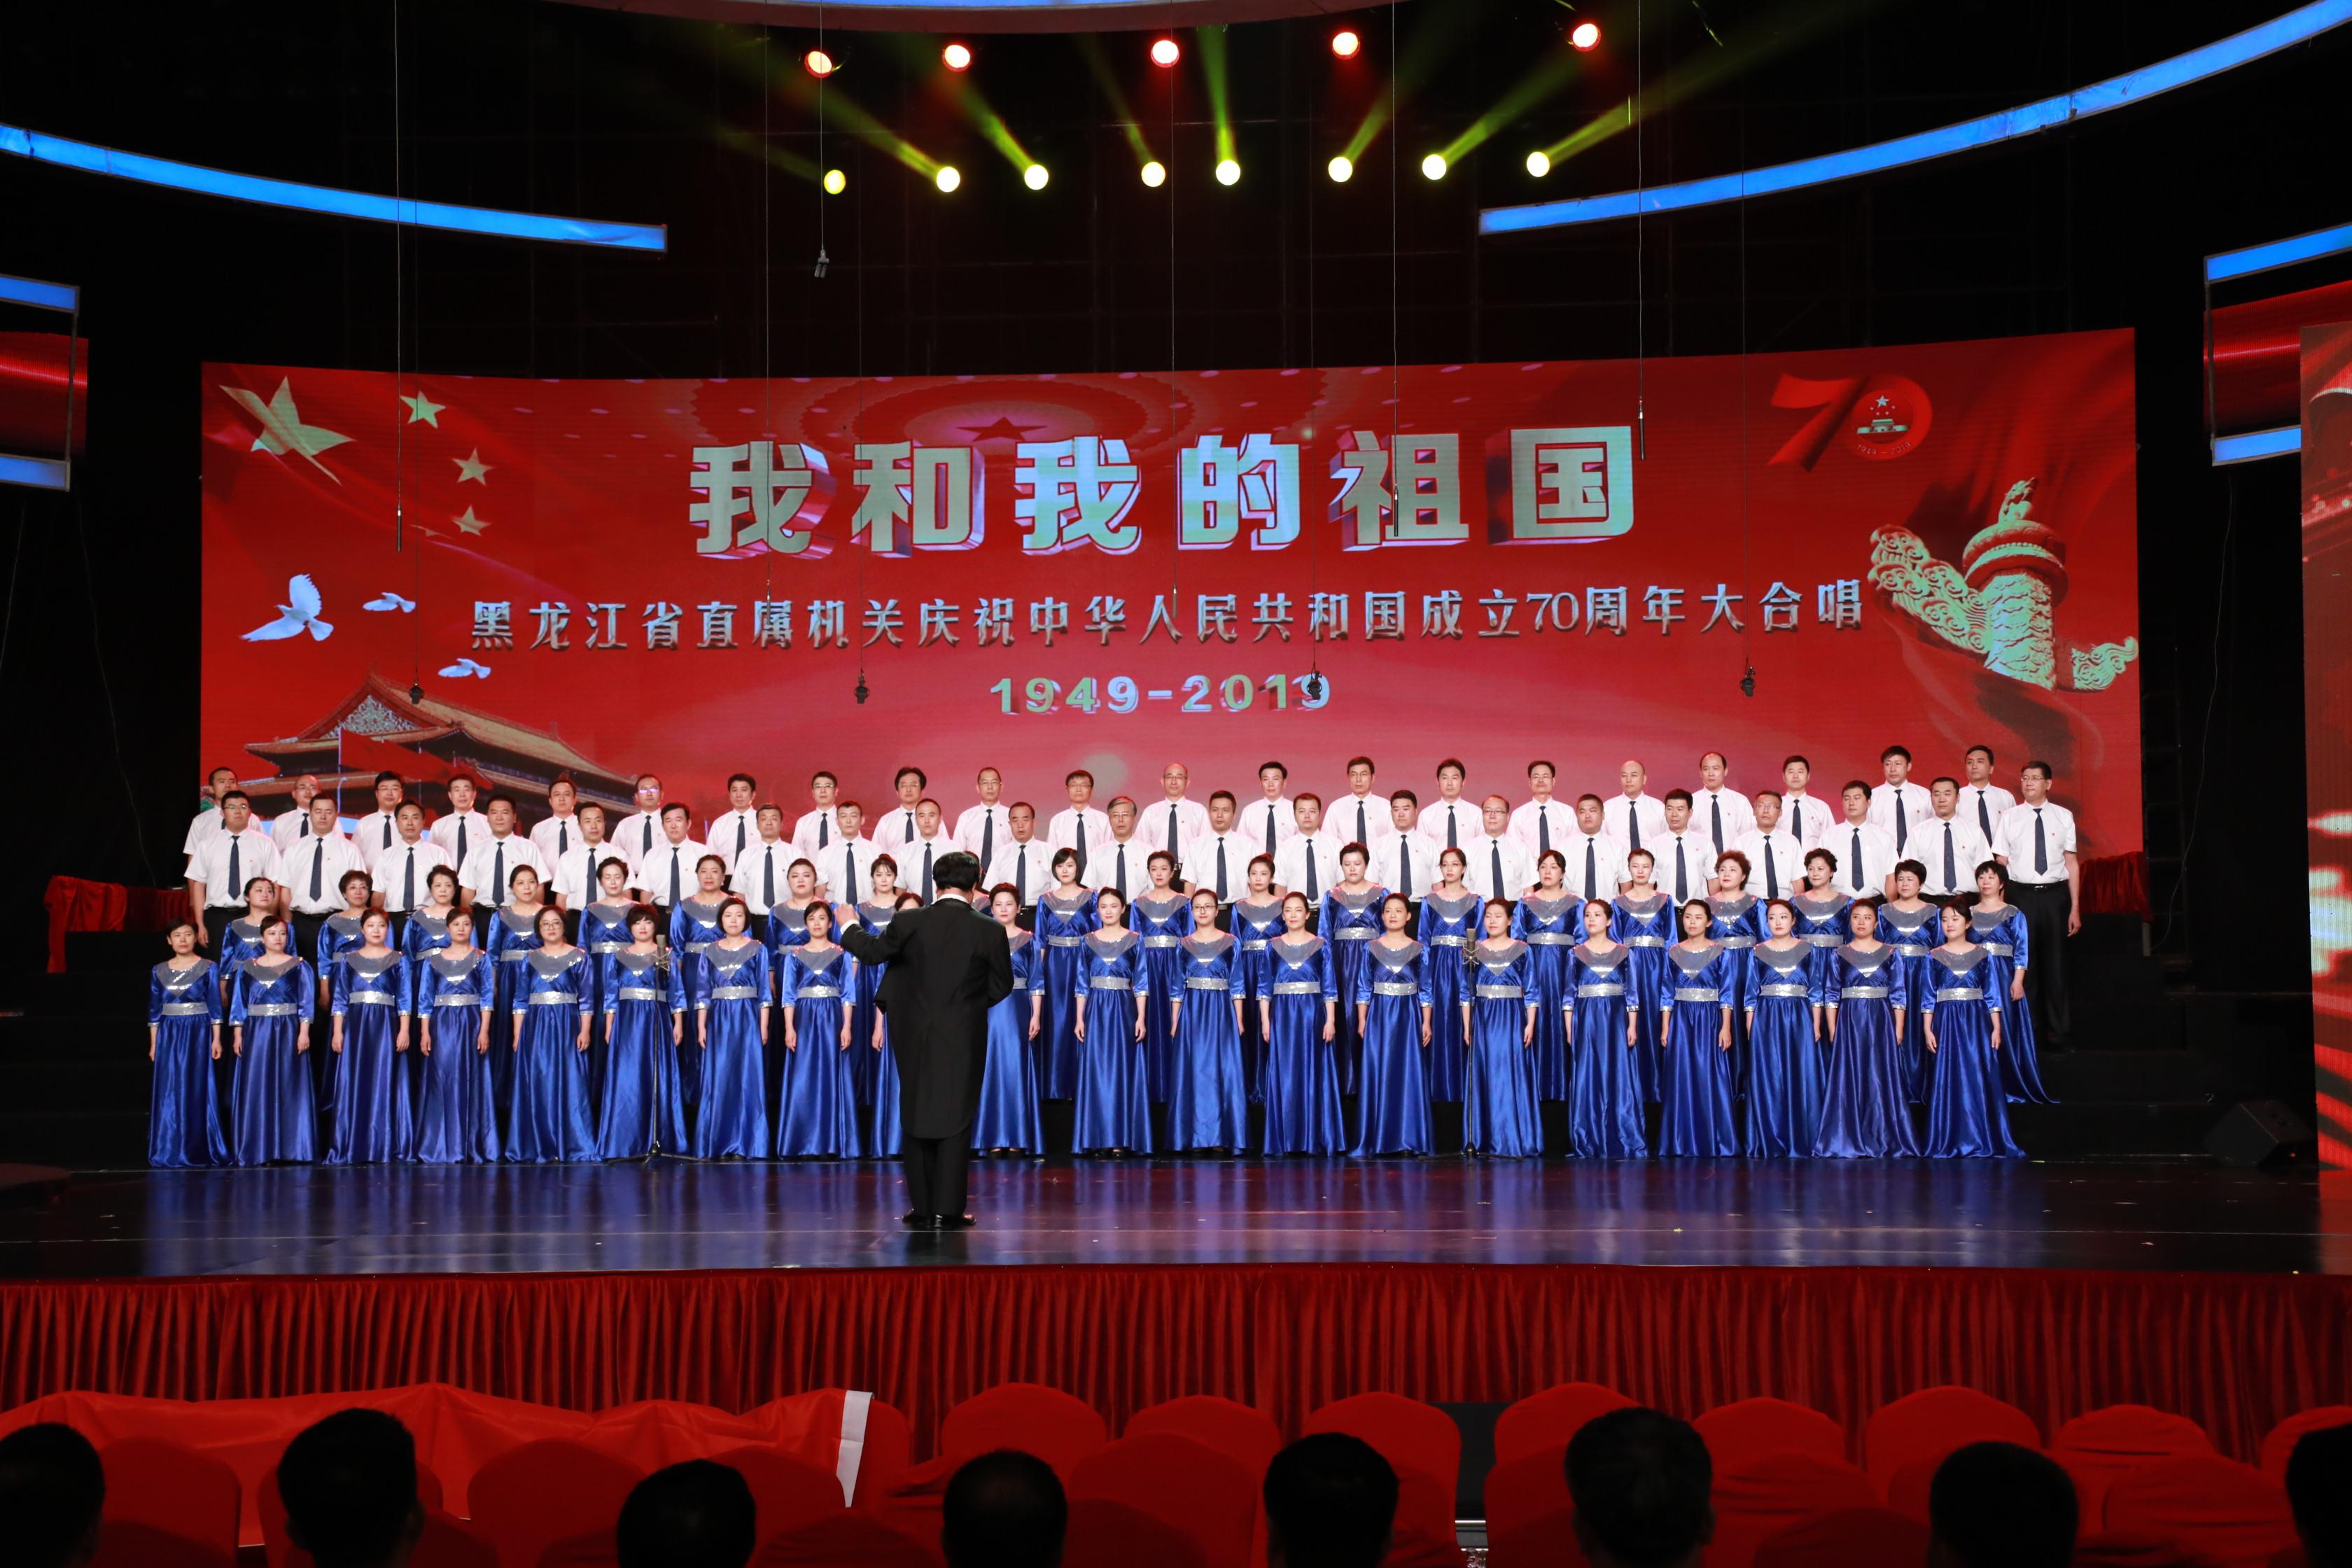 """省直机关""""我和我的祖国""""大合唱——黑龙江省统计局(组图)"""